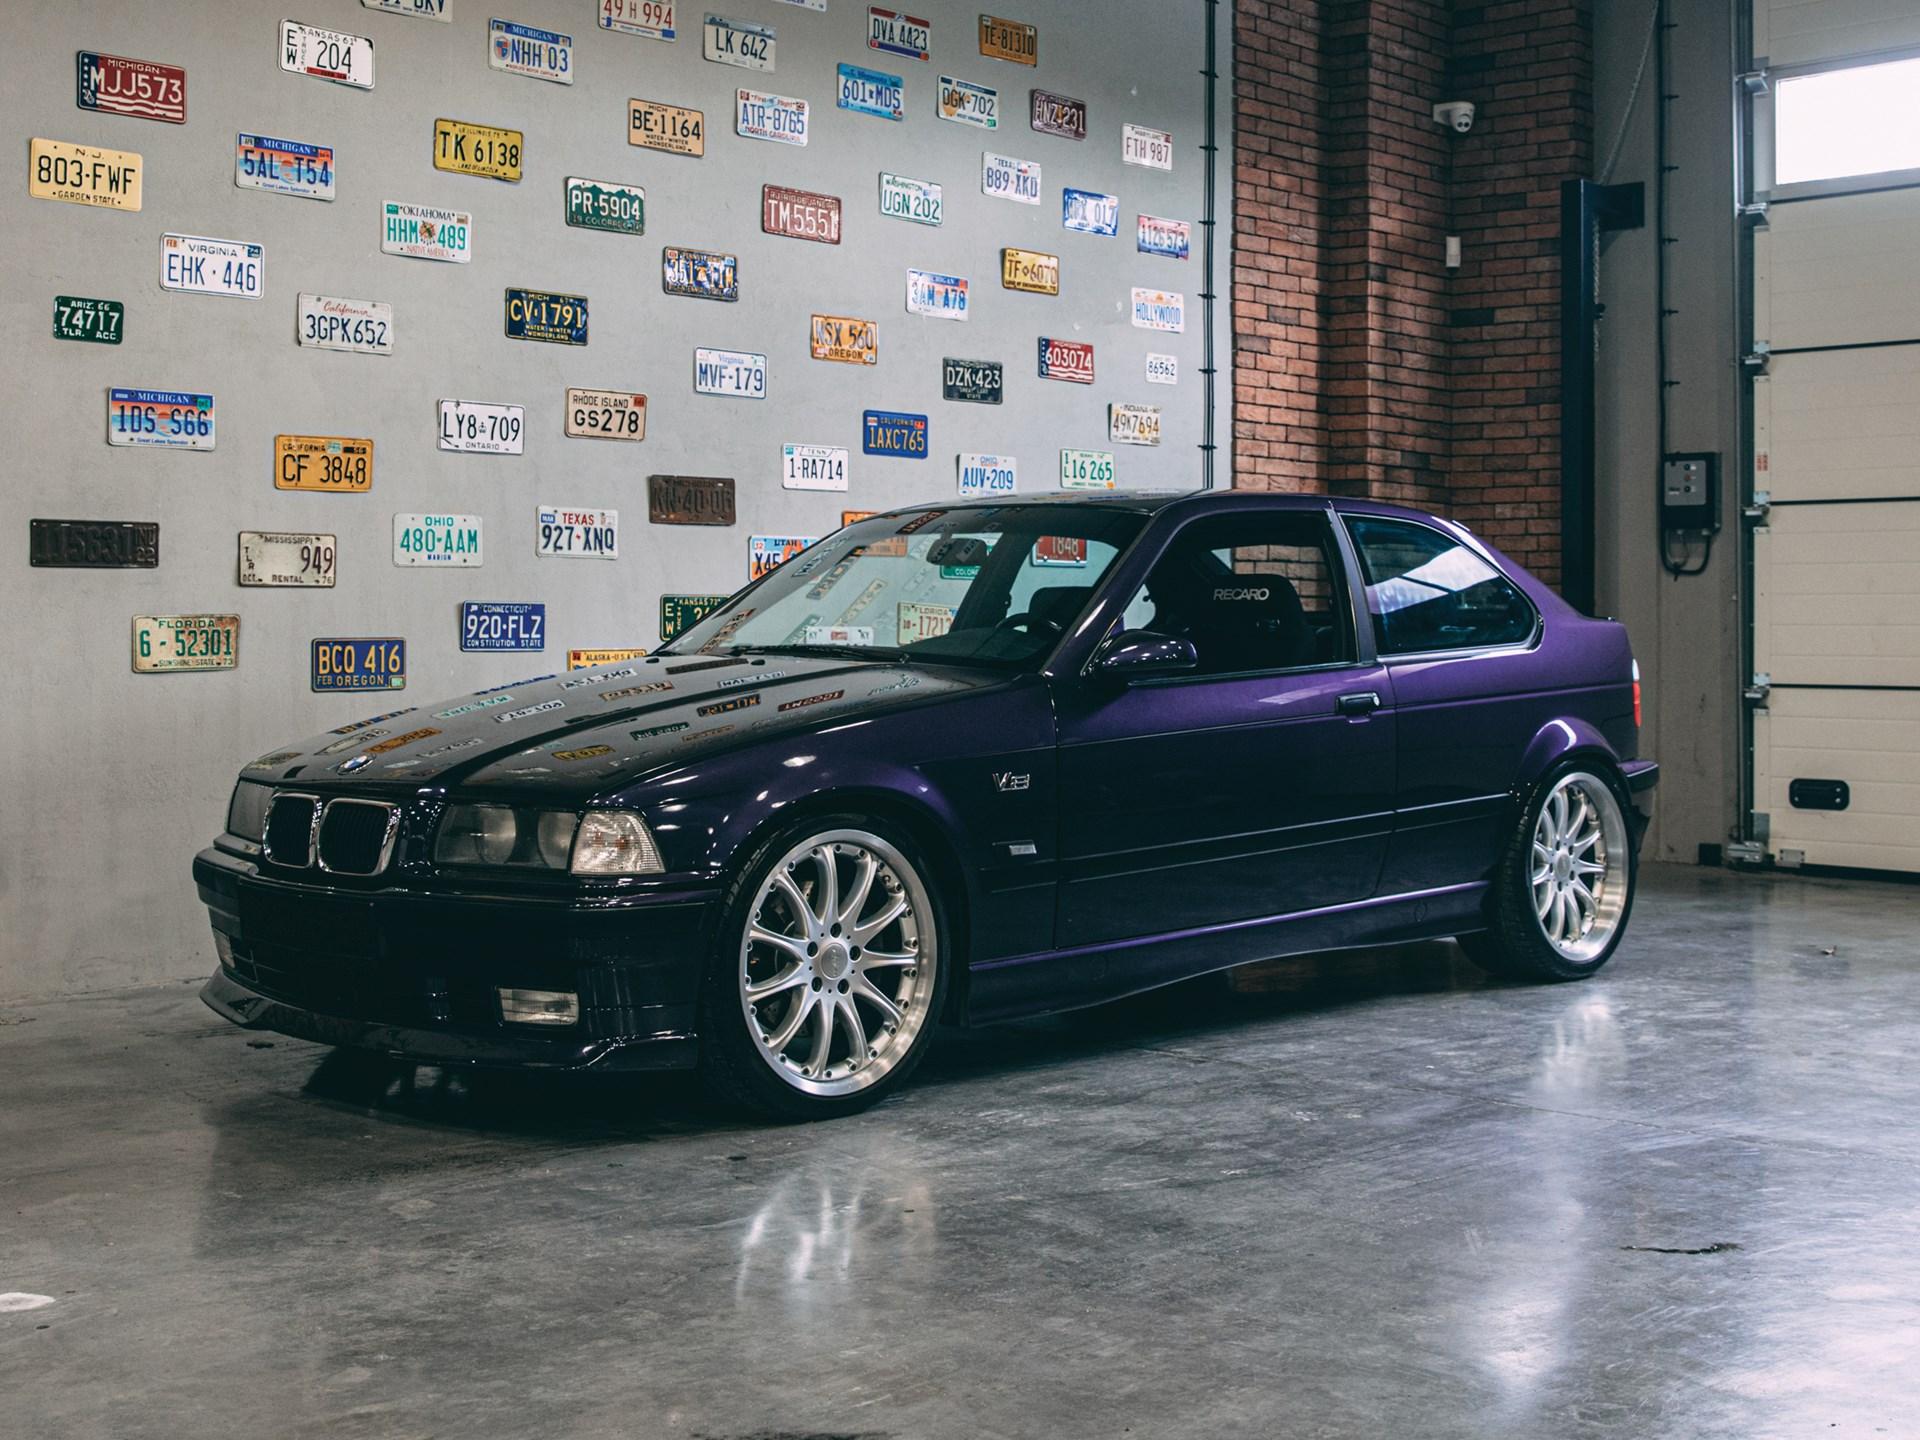 BMW E36 with a 4.7 L M62 V8